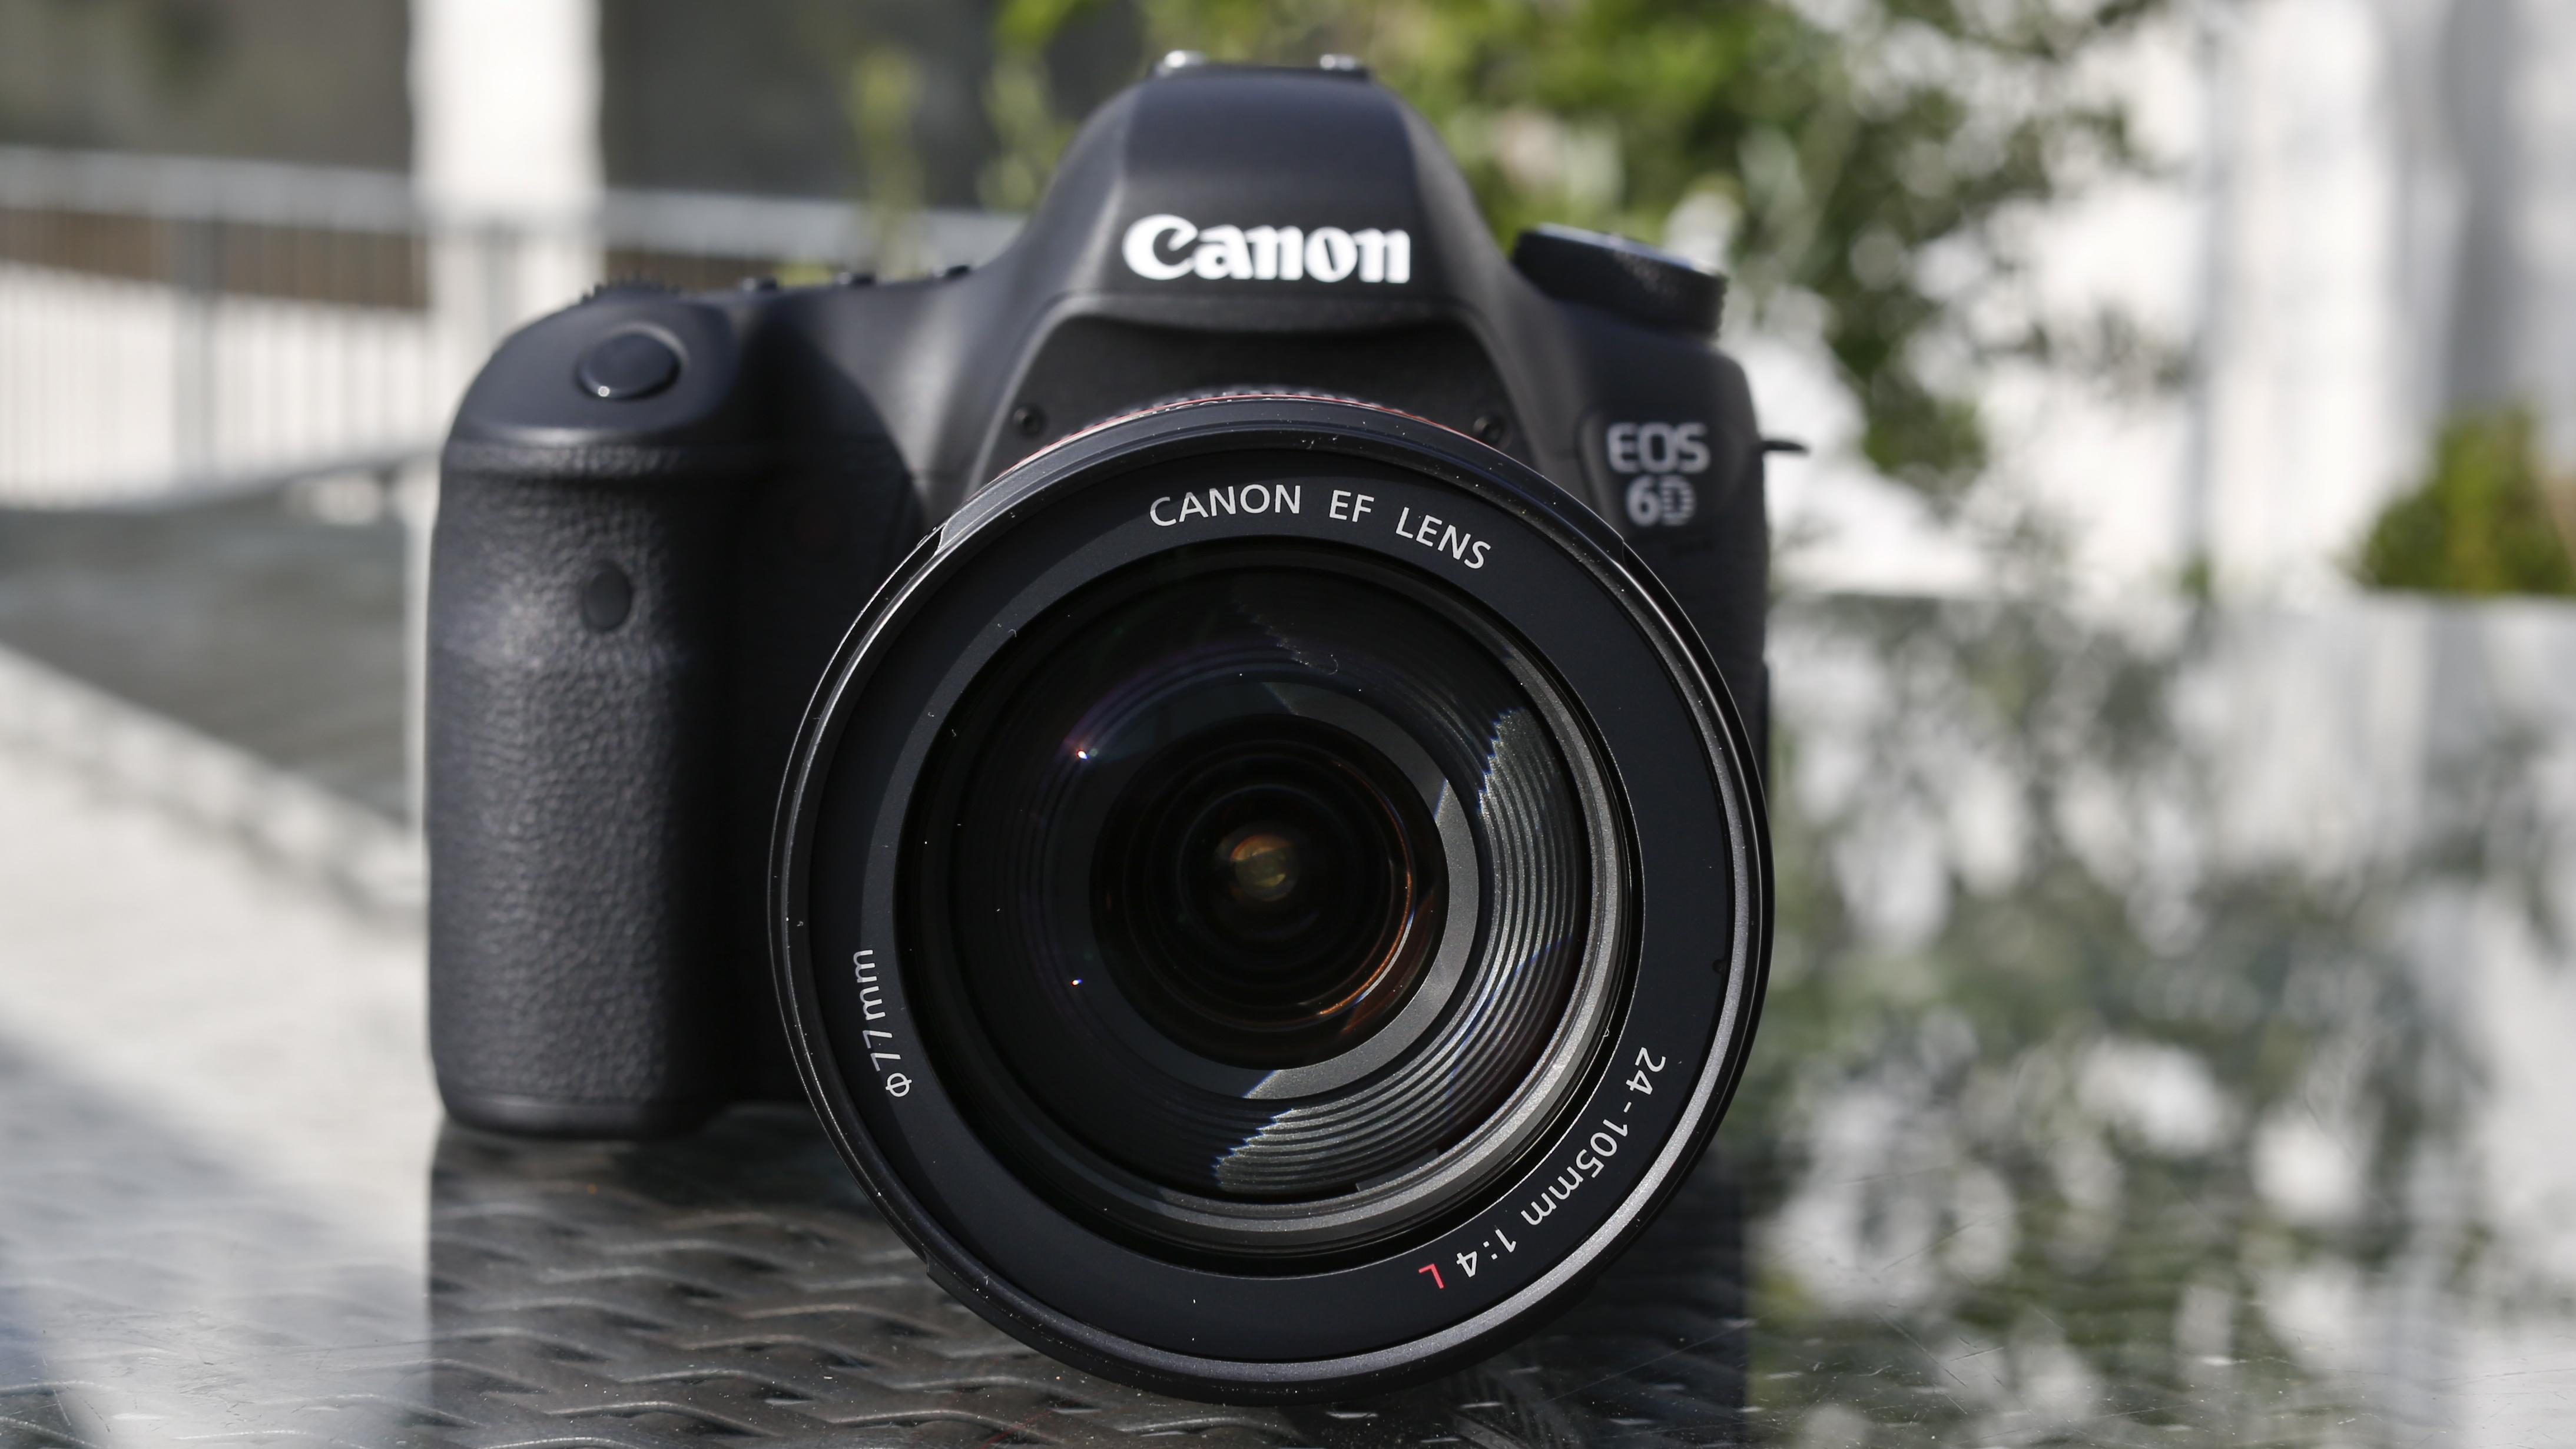 Canon EOS 6D | TechRadar